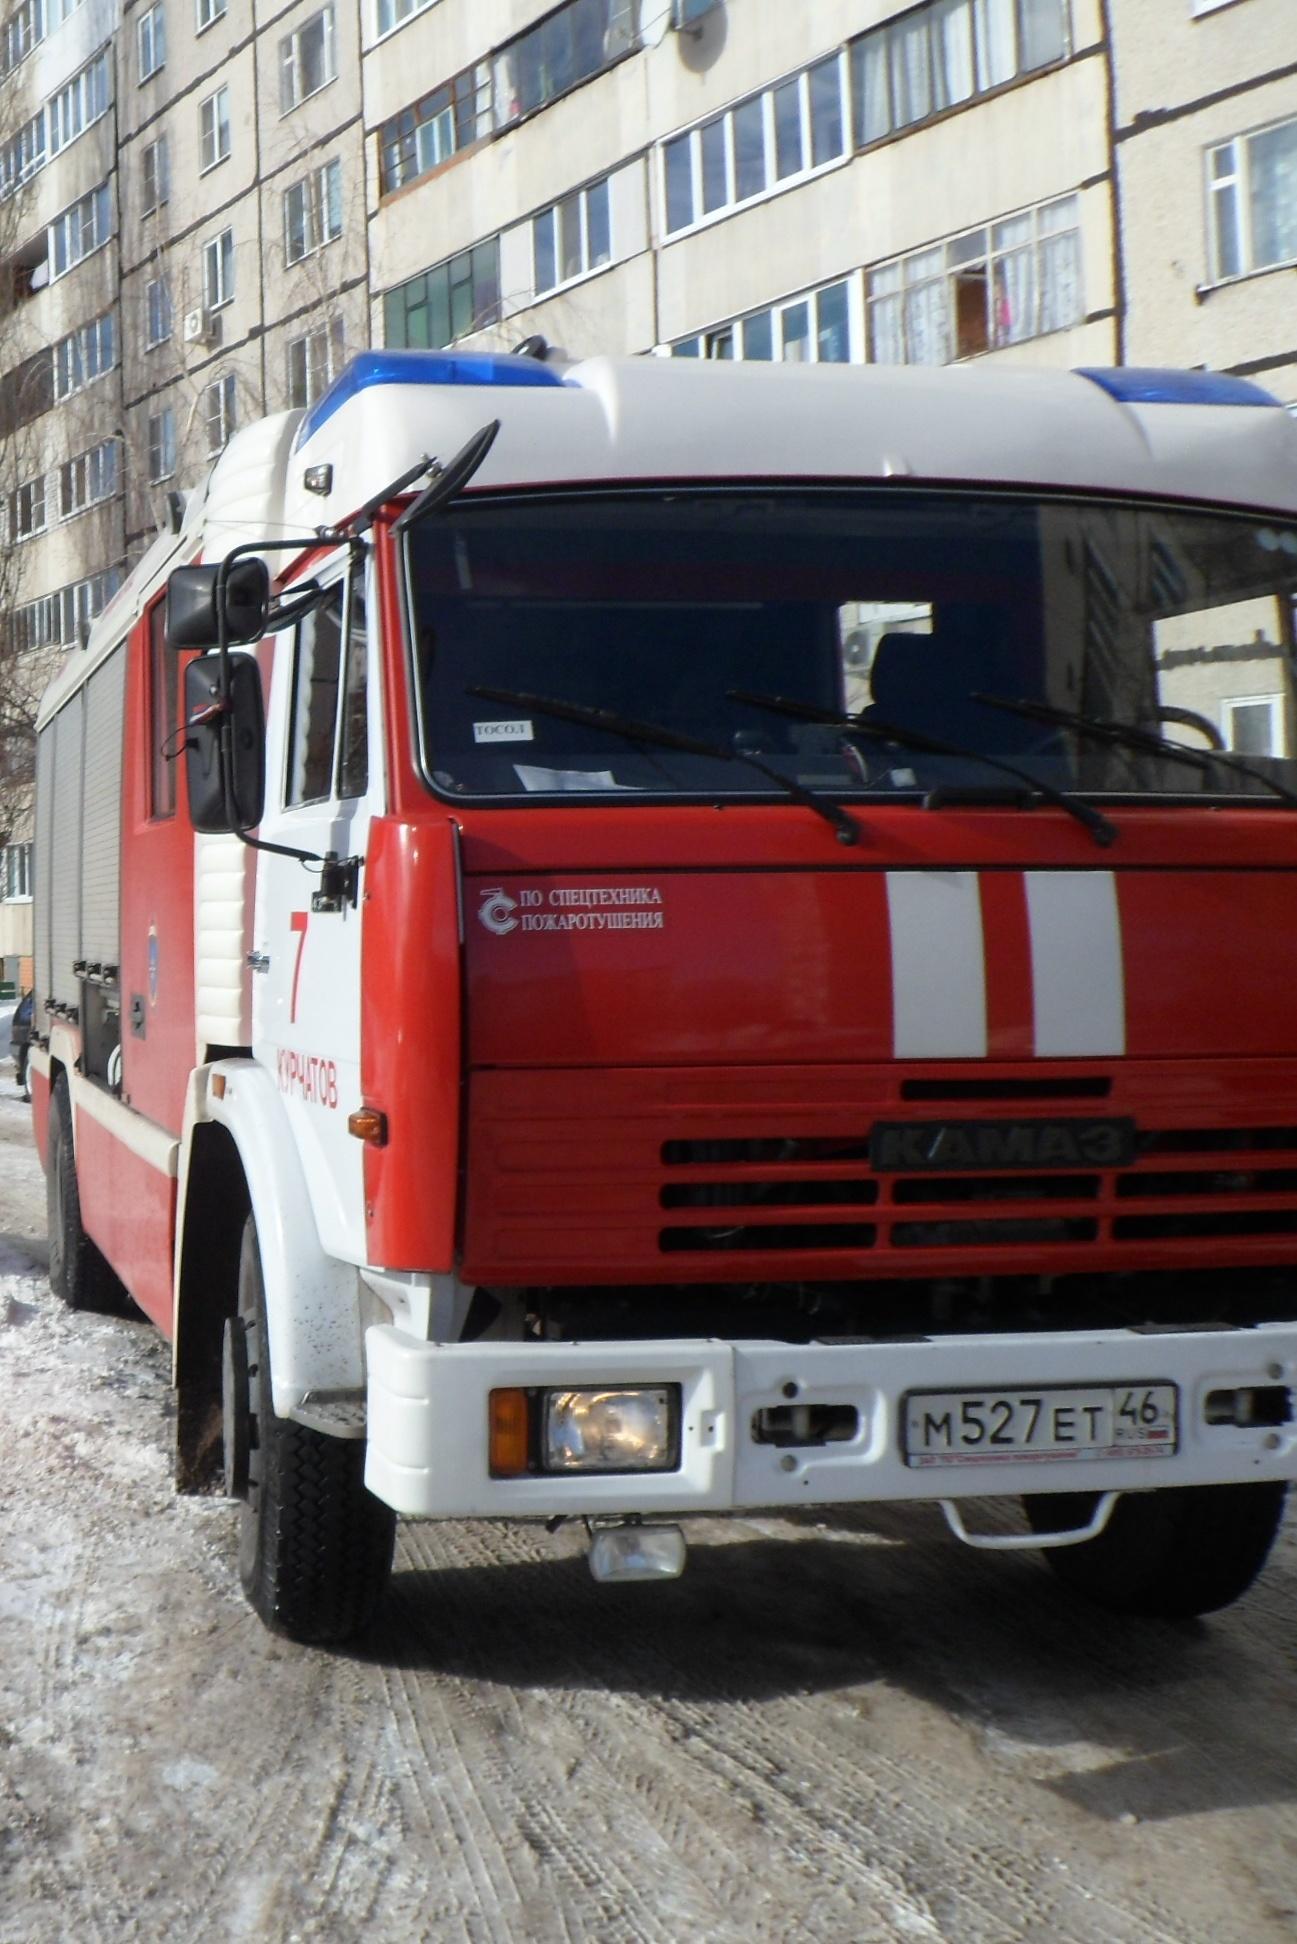 Пожар на ул. Мира в г. Курчатов  Курской области ликвидирован